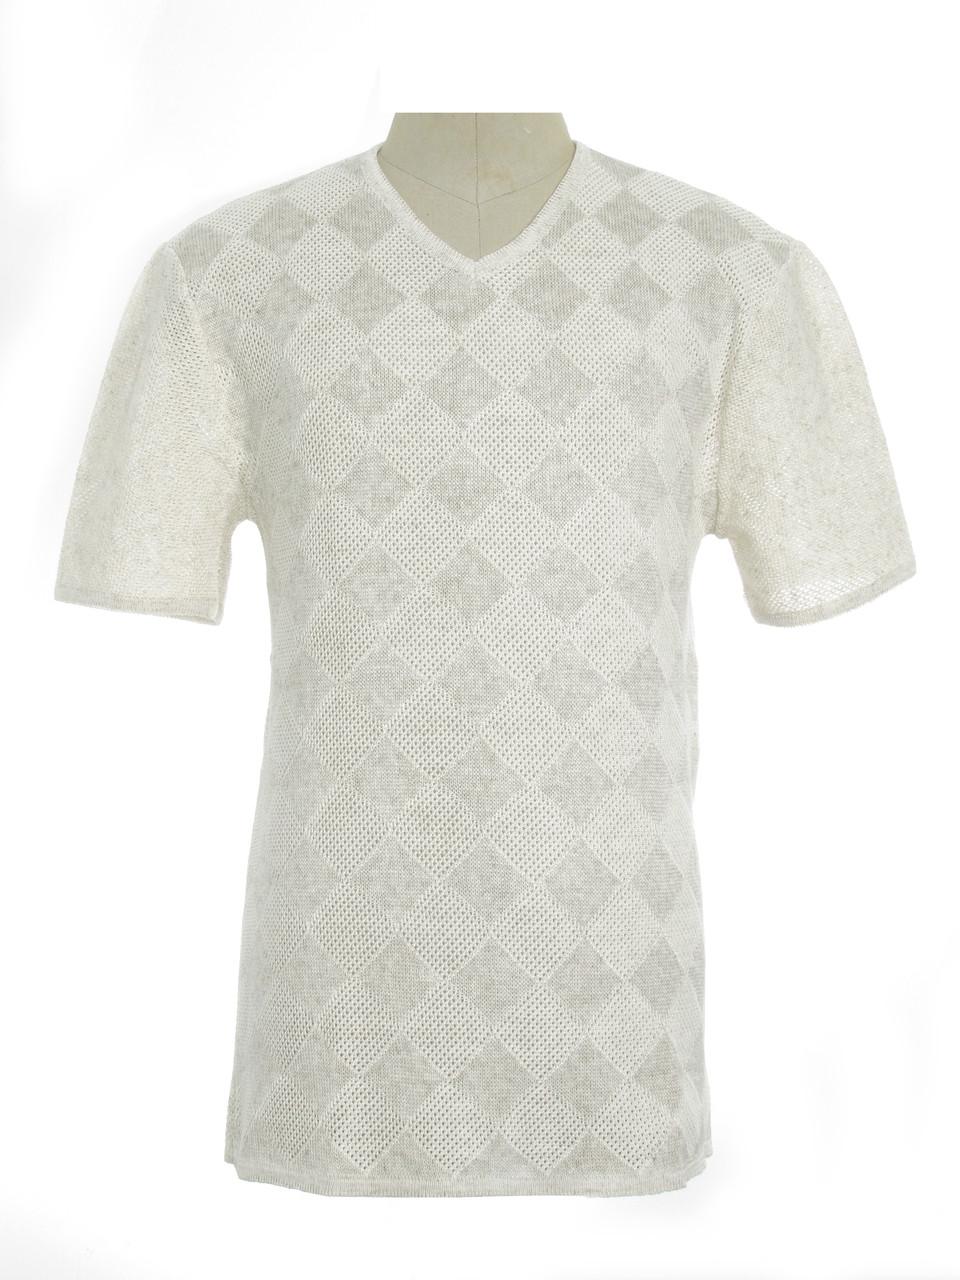 Мужская вязаная футболка 20313